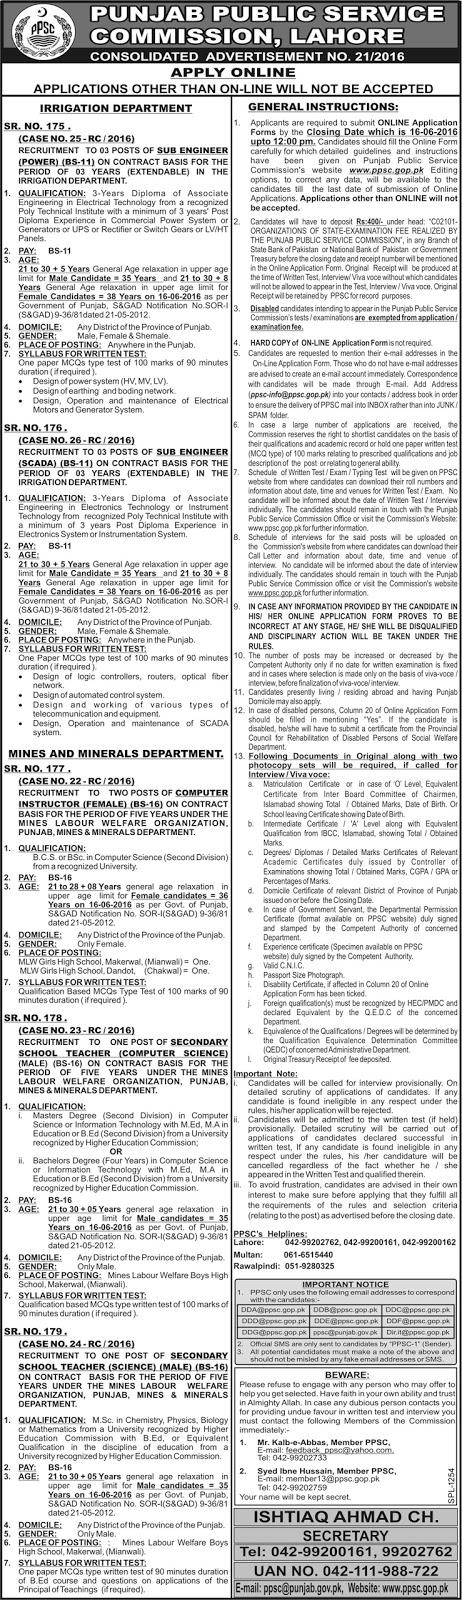 Govt Jobs in Pakistan for Teachers & Engineers PPSC  Jobs 2016